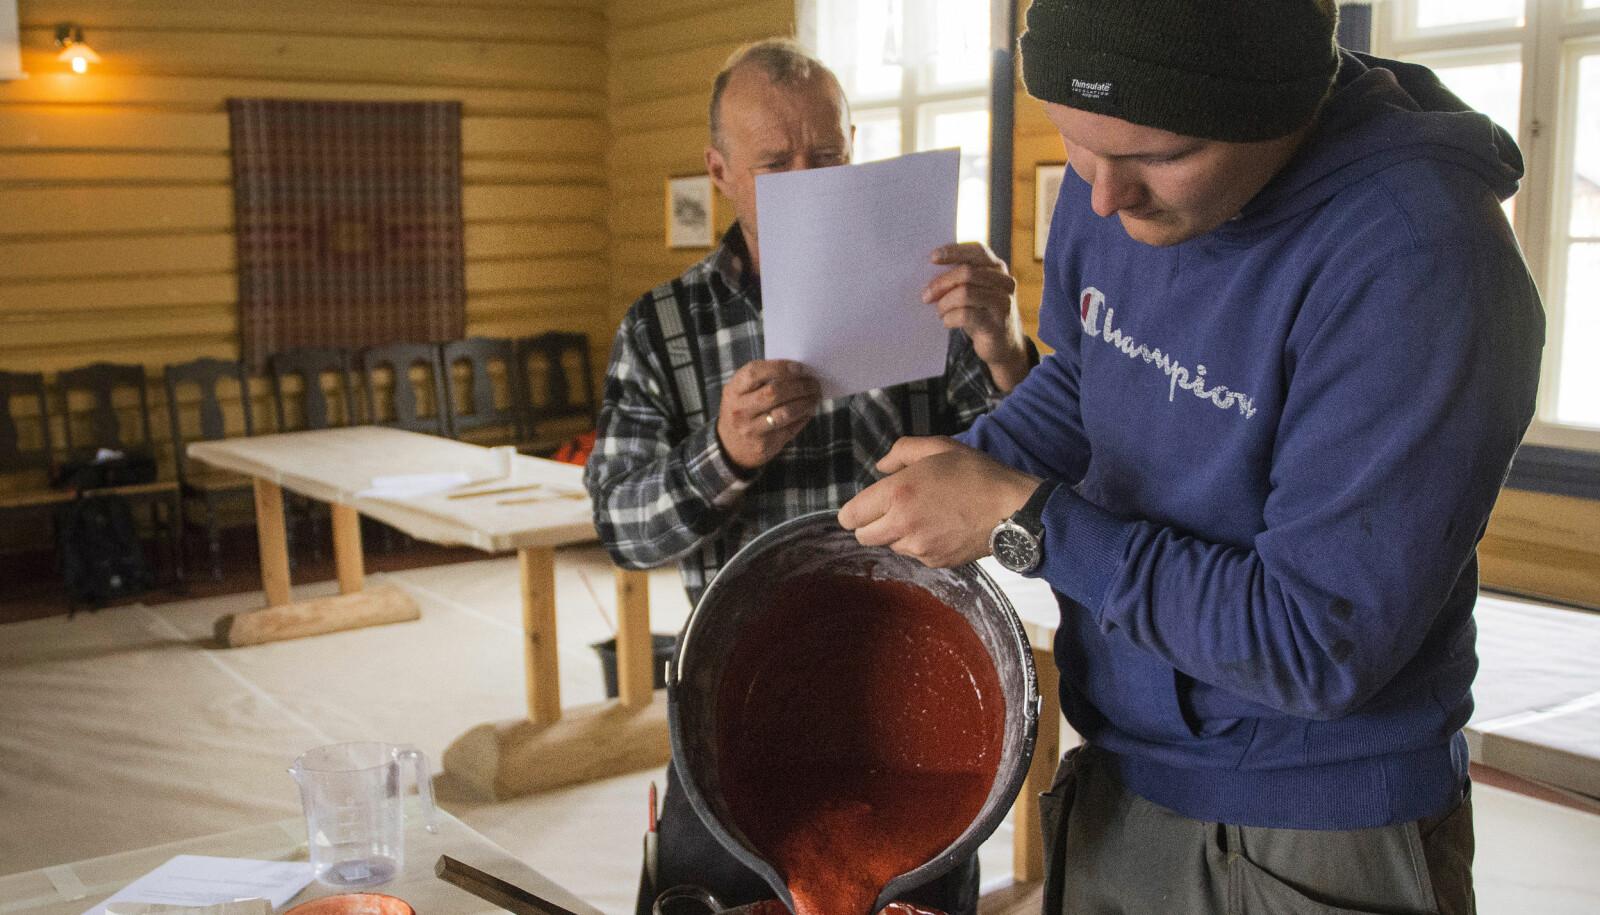 Studentene må lage malingen de skal bruke selv. Her er det Håkon Martinsen som tømmer komposisjonsmaling, mens Knut Gunnar Martinsen leser oppskriften.